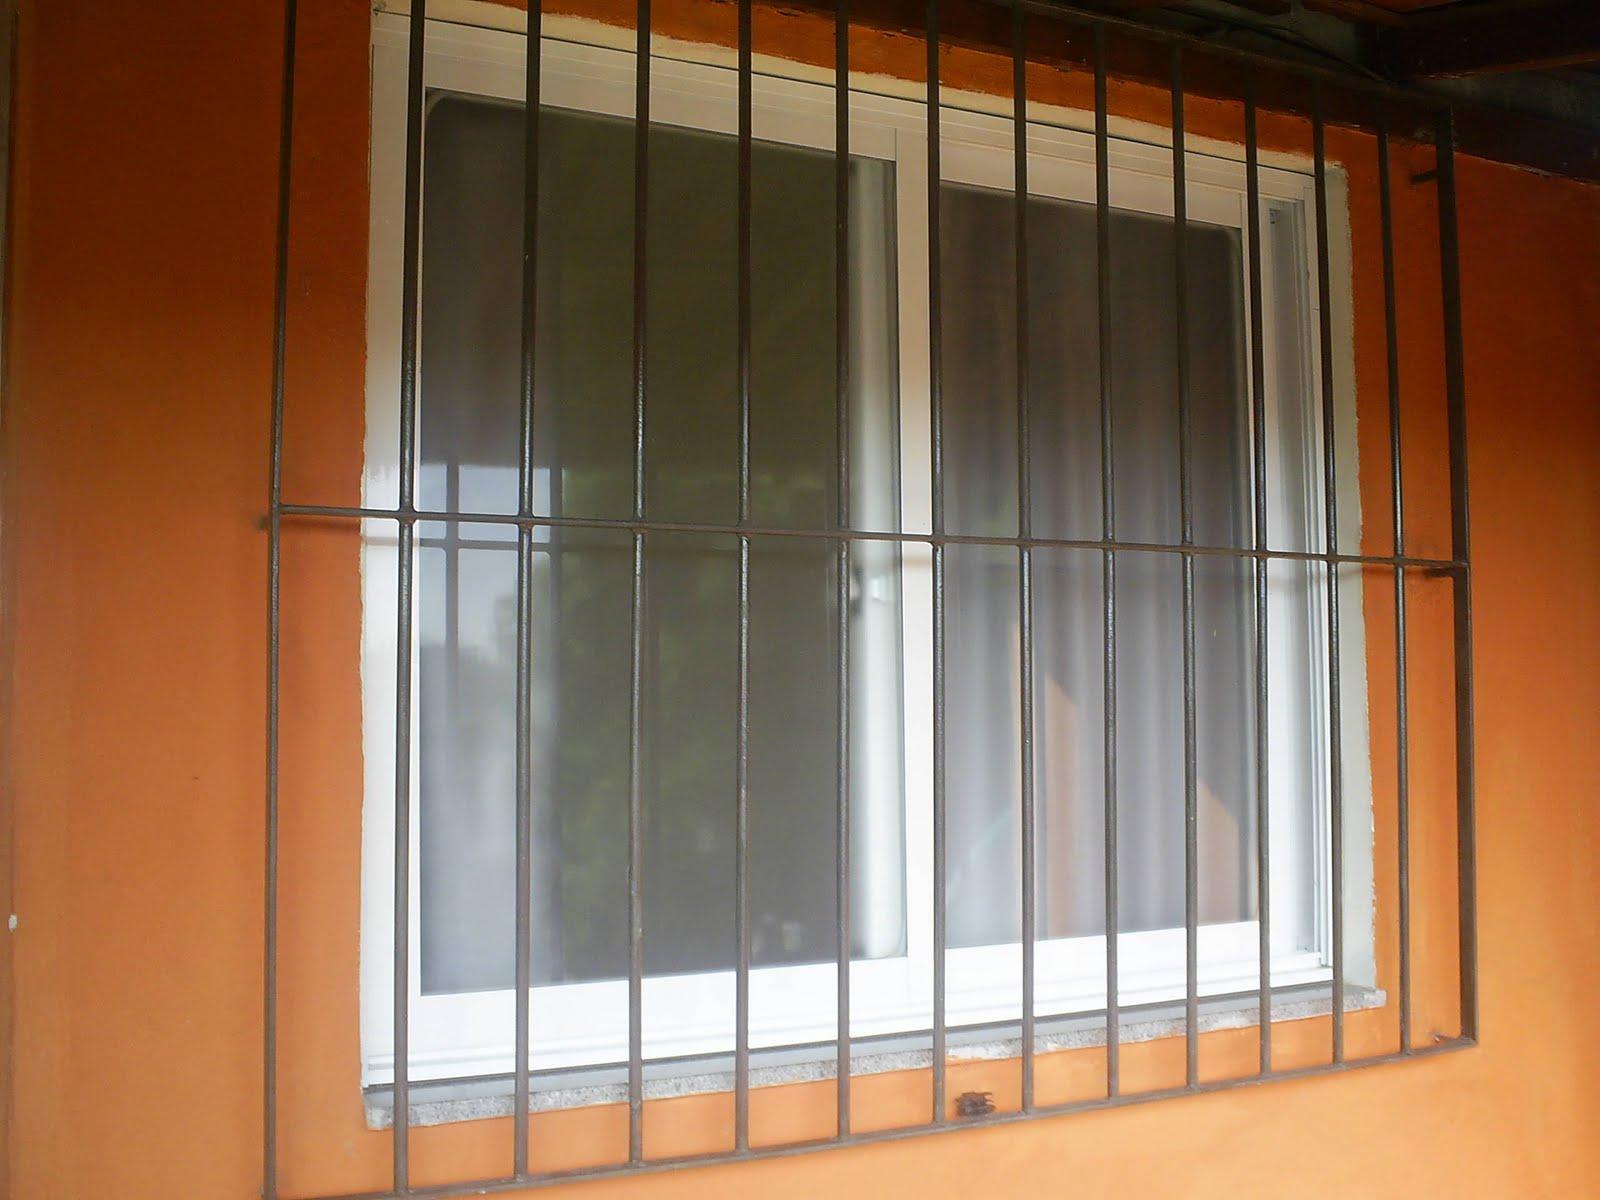 #B36318 segunda feira 15 de outubro de 2012 842 Manutenção Em Janela De Aluminio